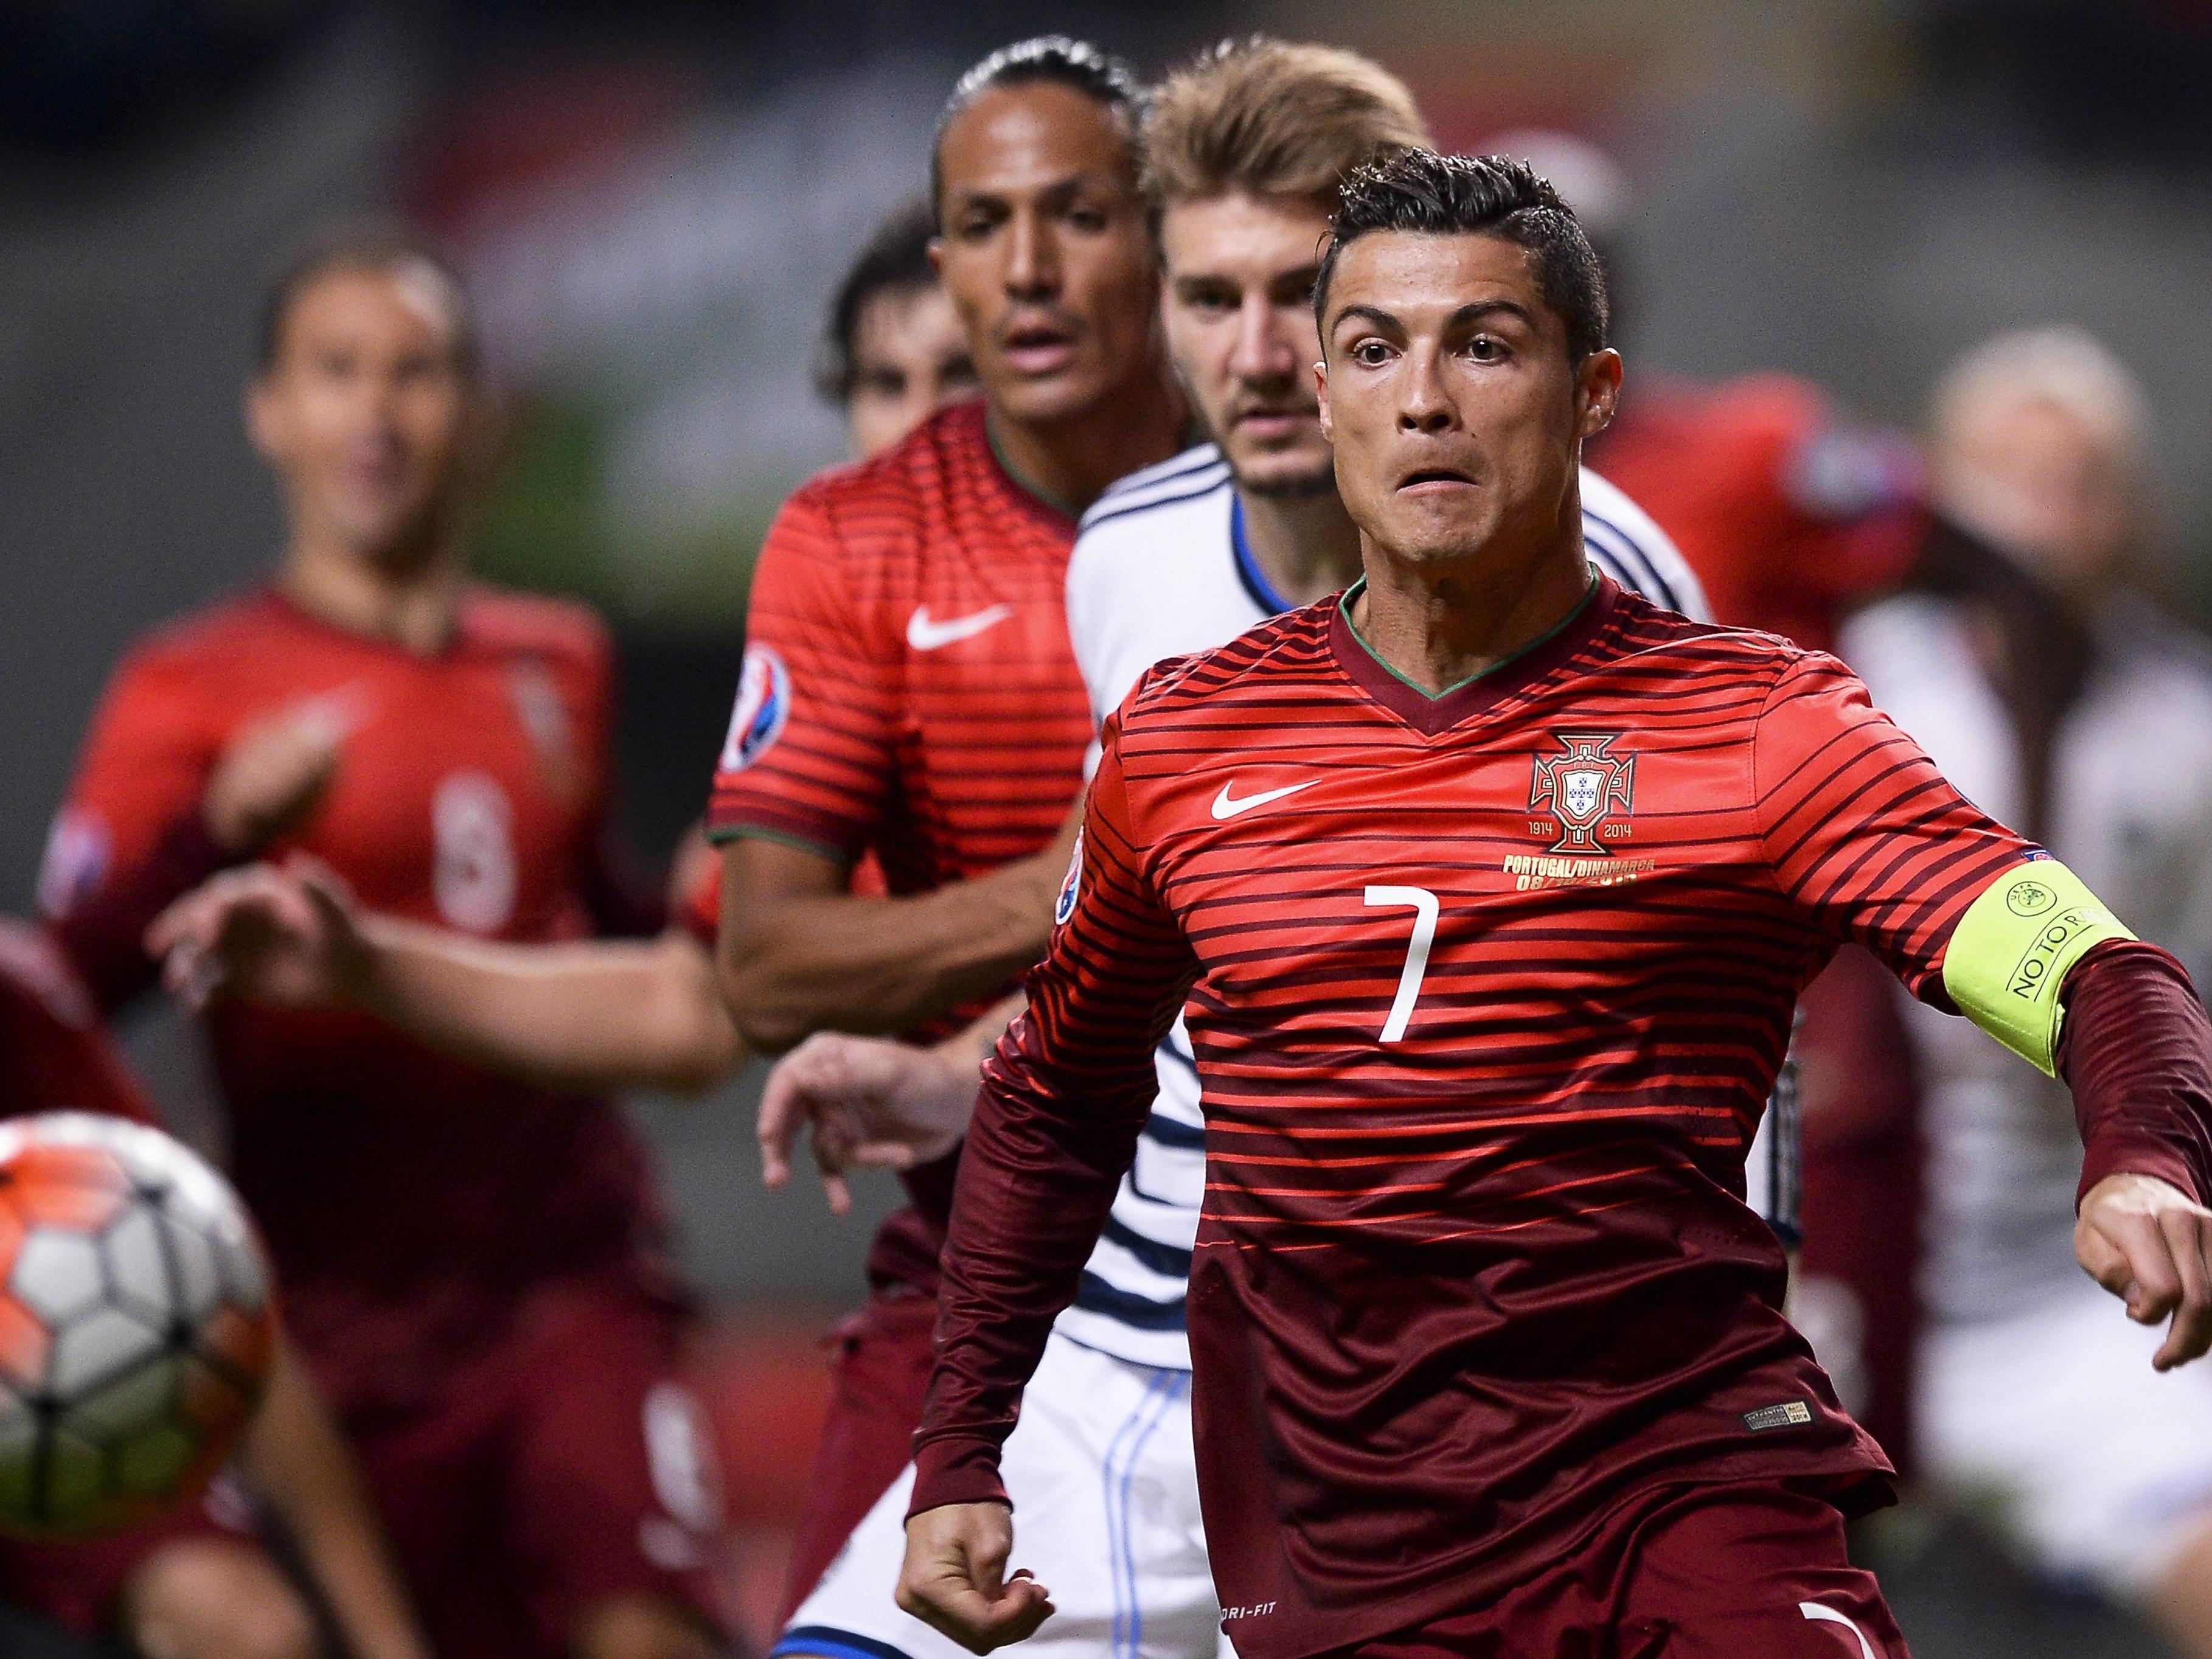 Kapitän, Topscorer, Superstar - Cristiano Ronaldo ist das Um und Auf im portugiesischen Team.